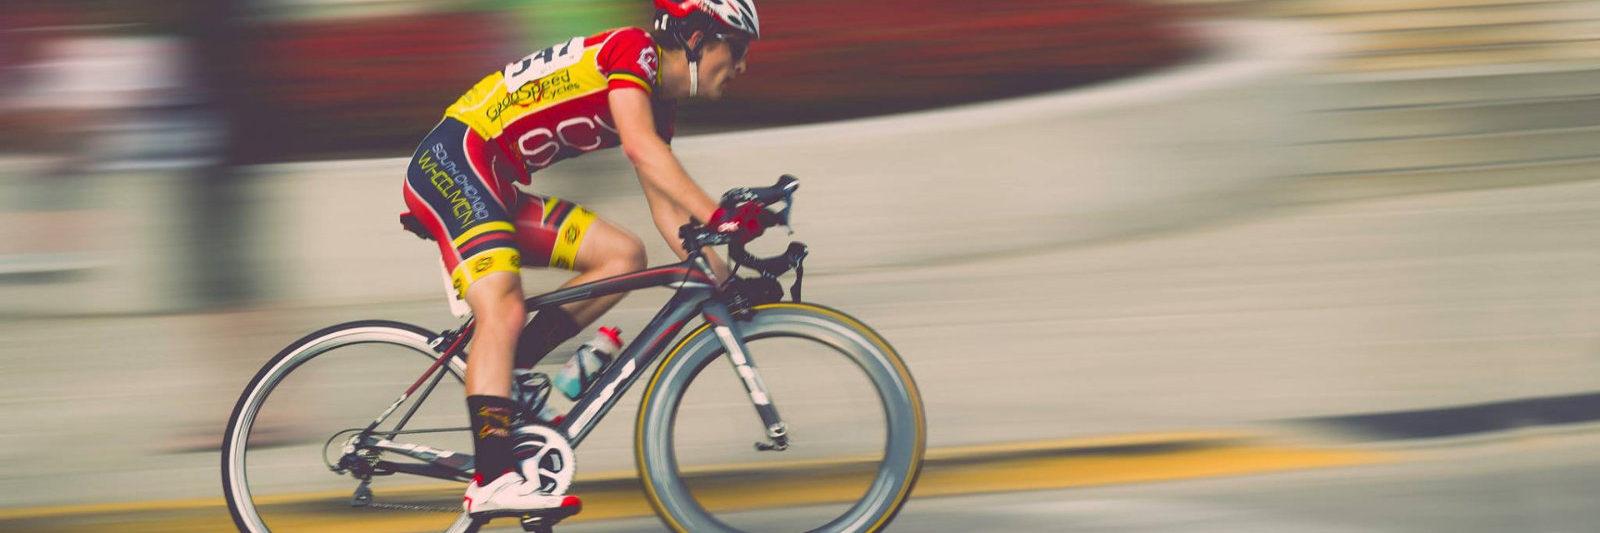 Michouat - Tour de France